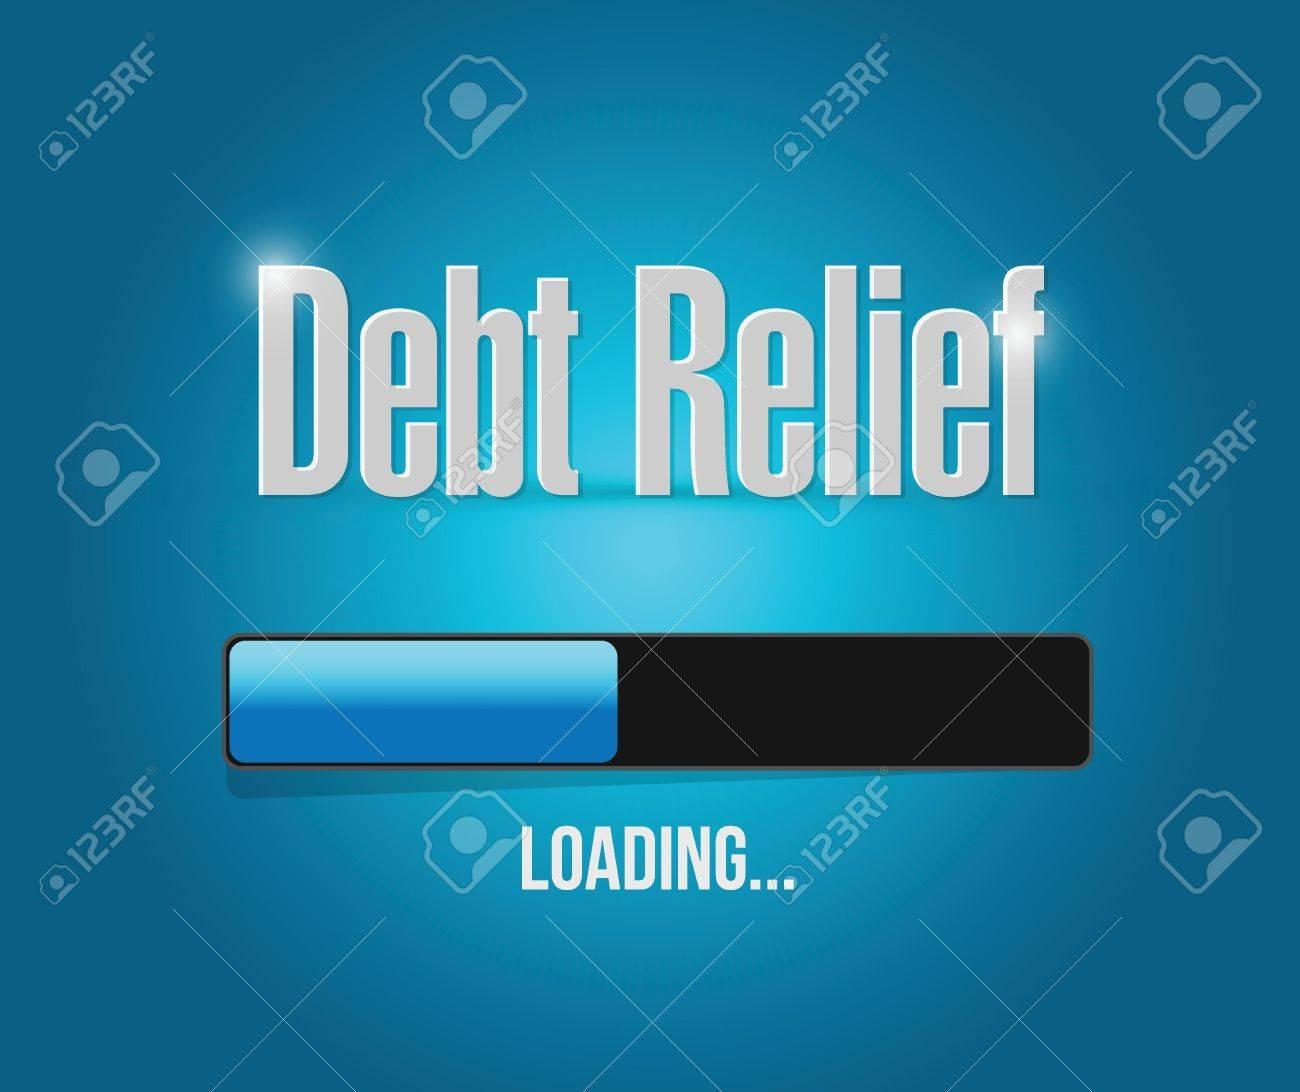 Debt Relief Loading Bar Illustration Design Over A Blue Background 1300x1092